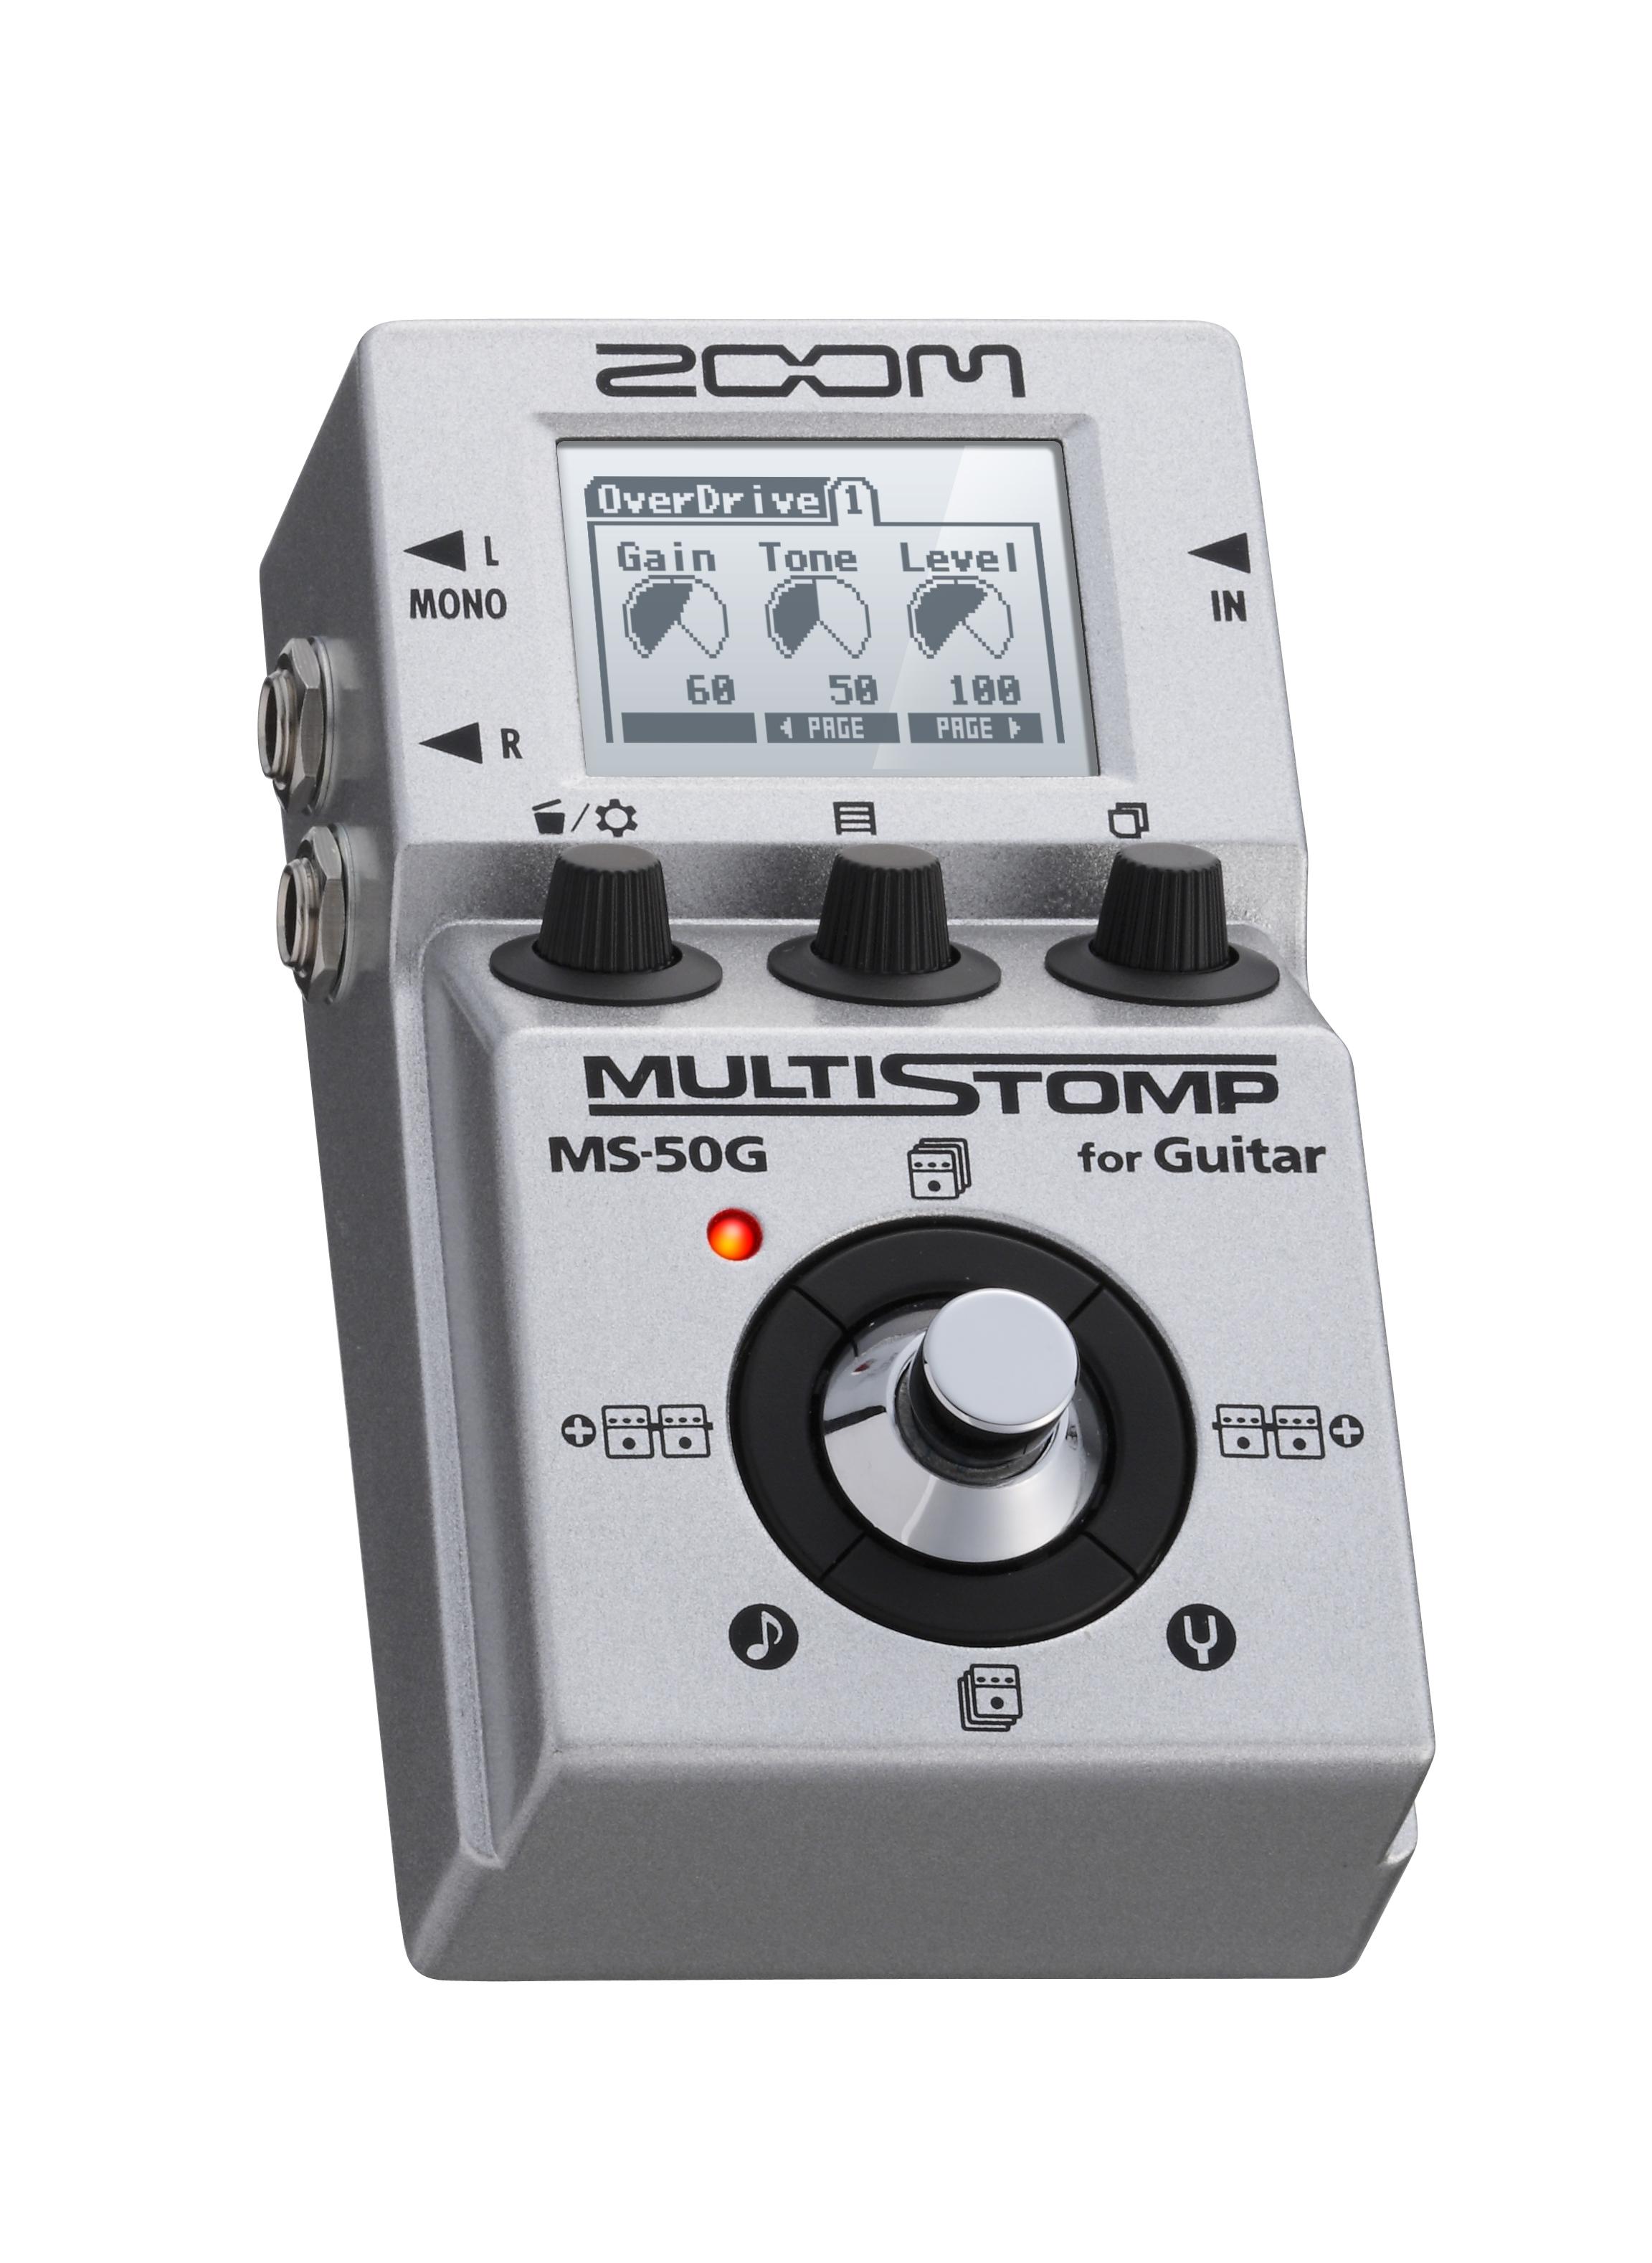 ms 50g multistomp guitar pedal zoom. Black Bedroom Furniture Sets. Home Design Ideas